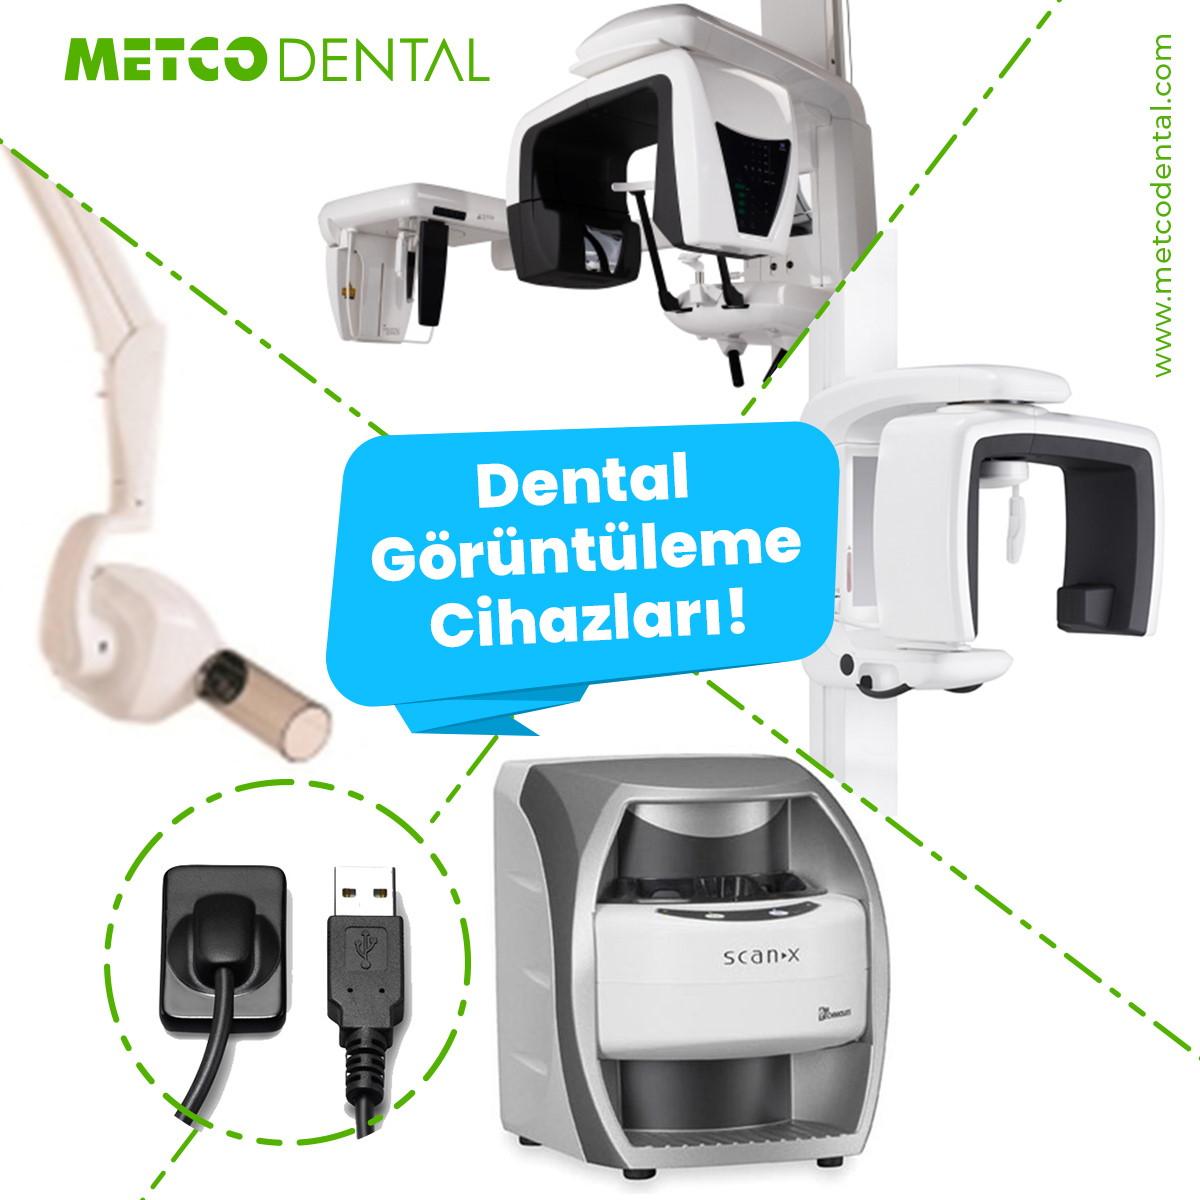 Dental Görüntüleme Cihazları